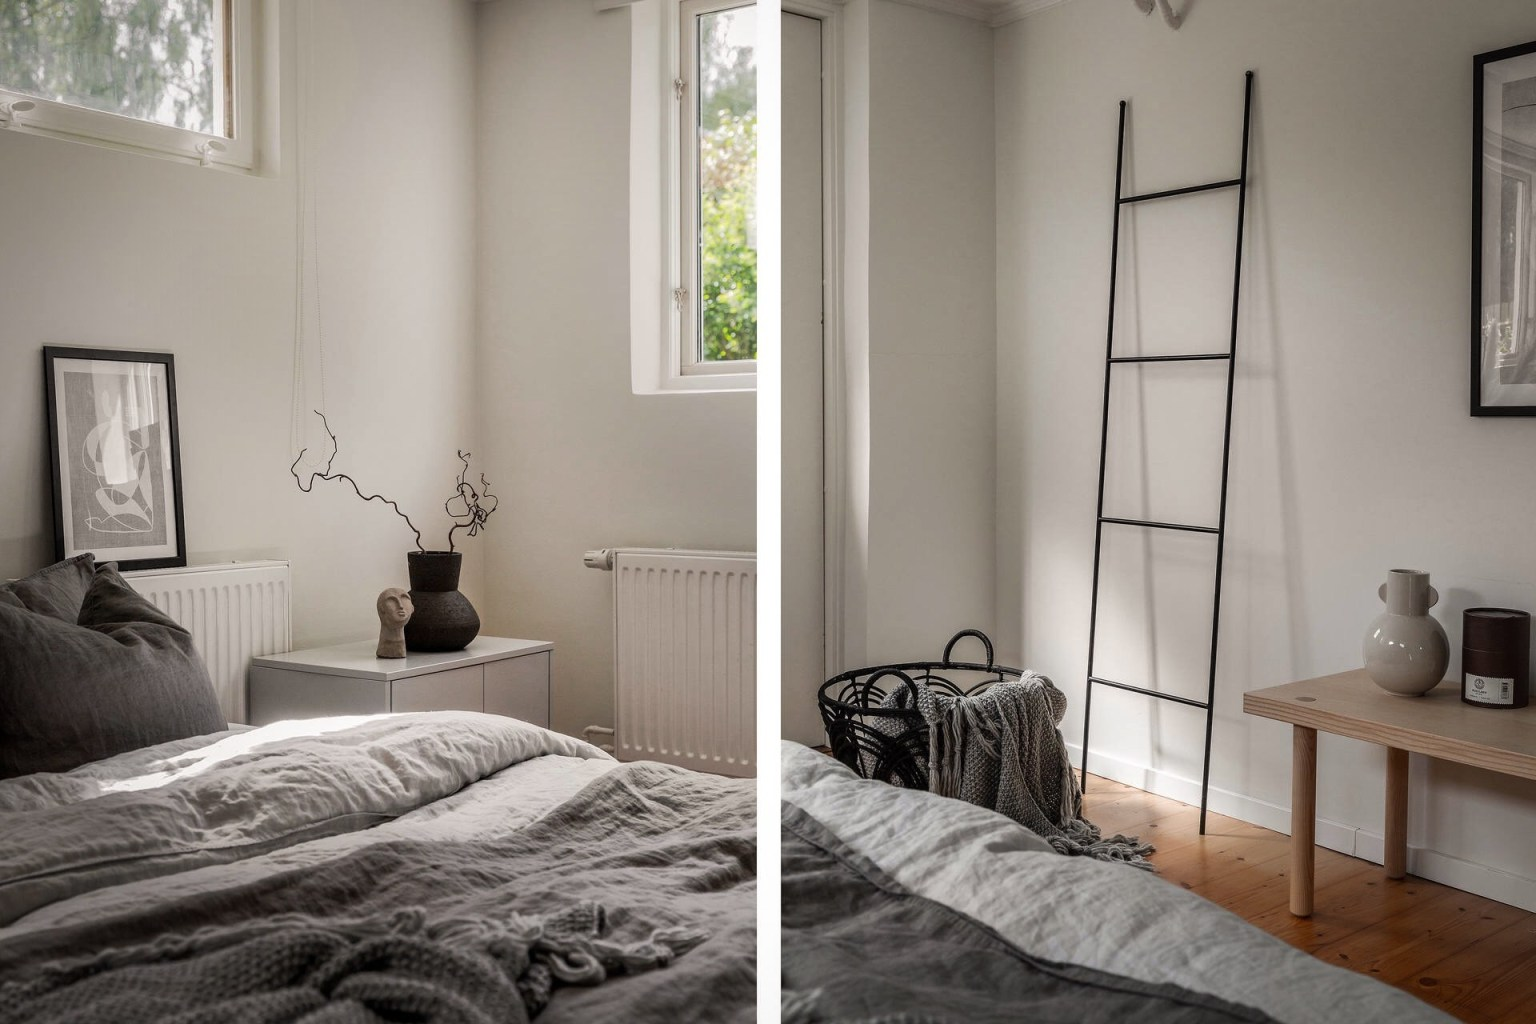 """32 bedroom ladder 1605688713434133008142 - Căn nhà cấp 4 màu xanh da trời nhìn ngoài thì bình thường mà bên trong khiến ai cũng """"sững sờ"""""""